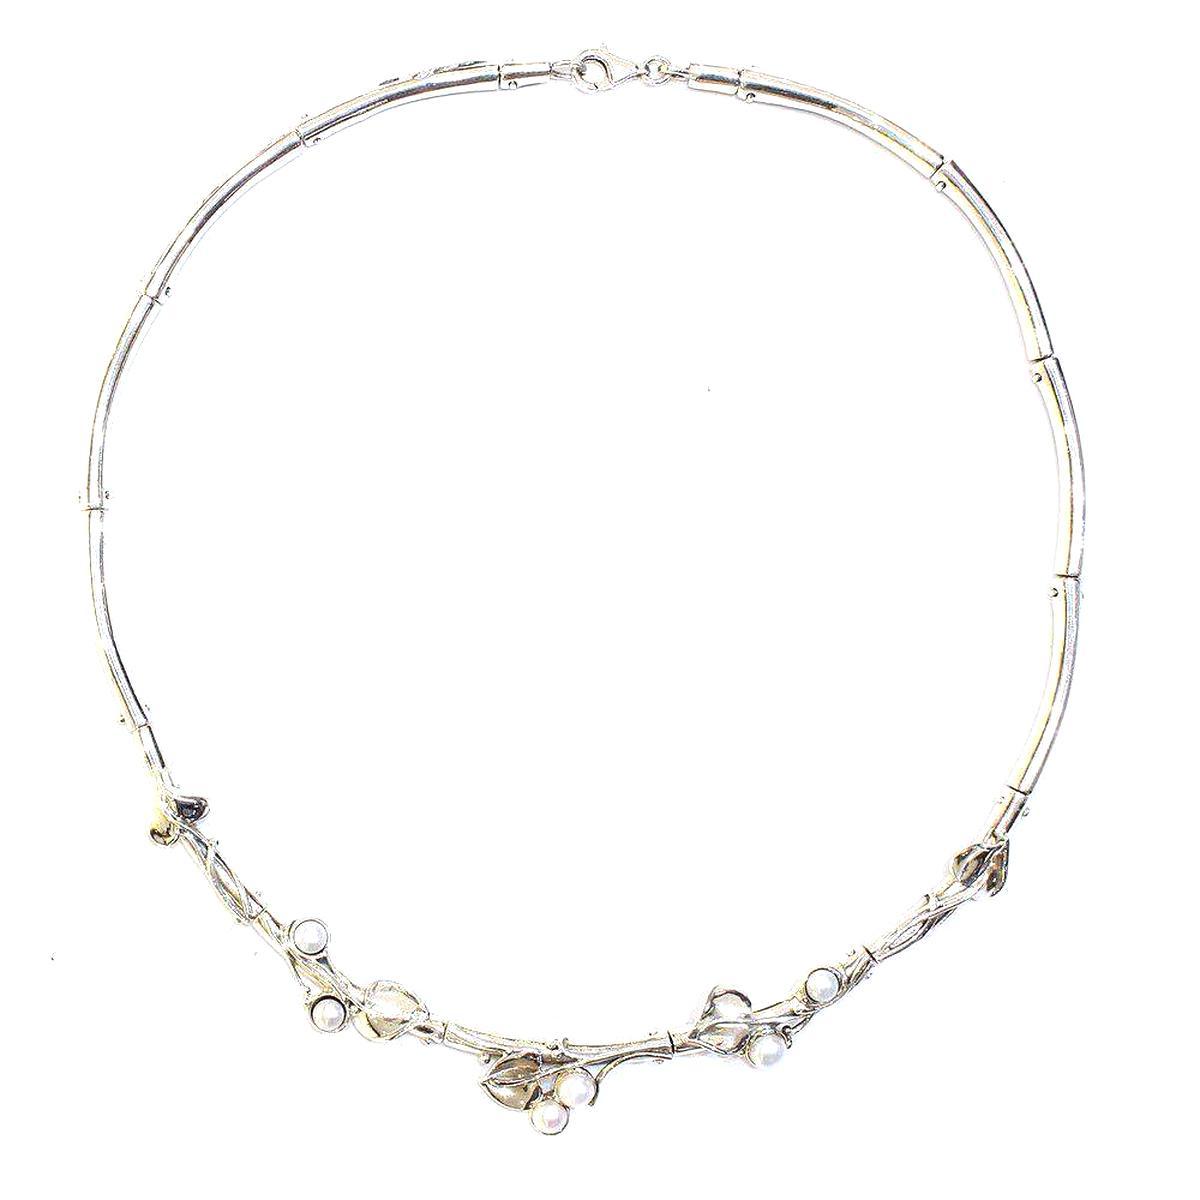 hagit gorali necklace for sale